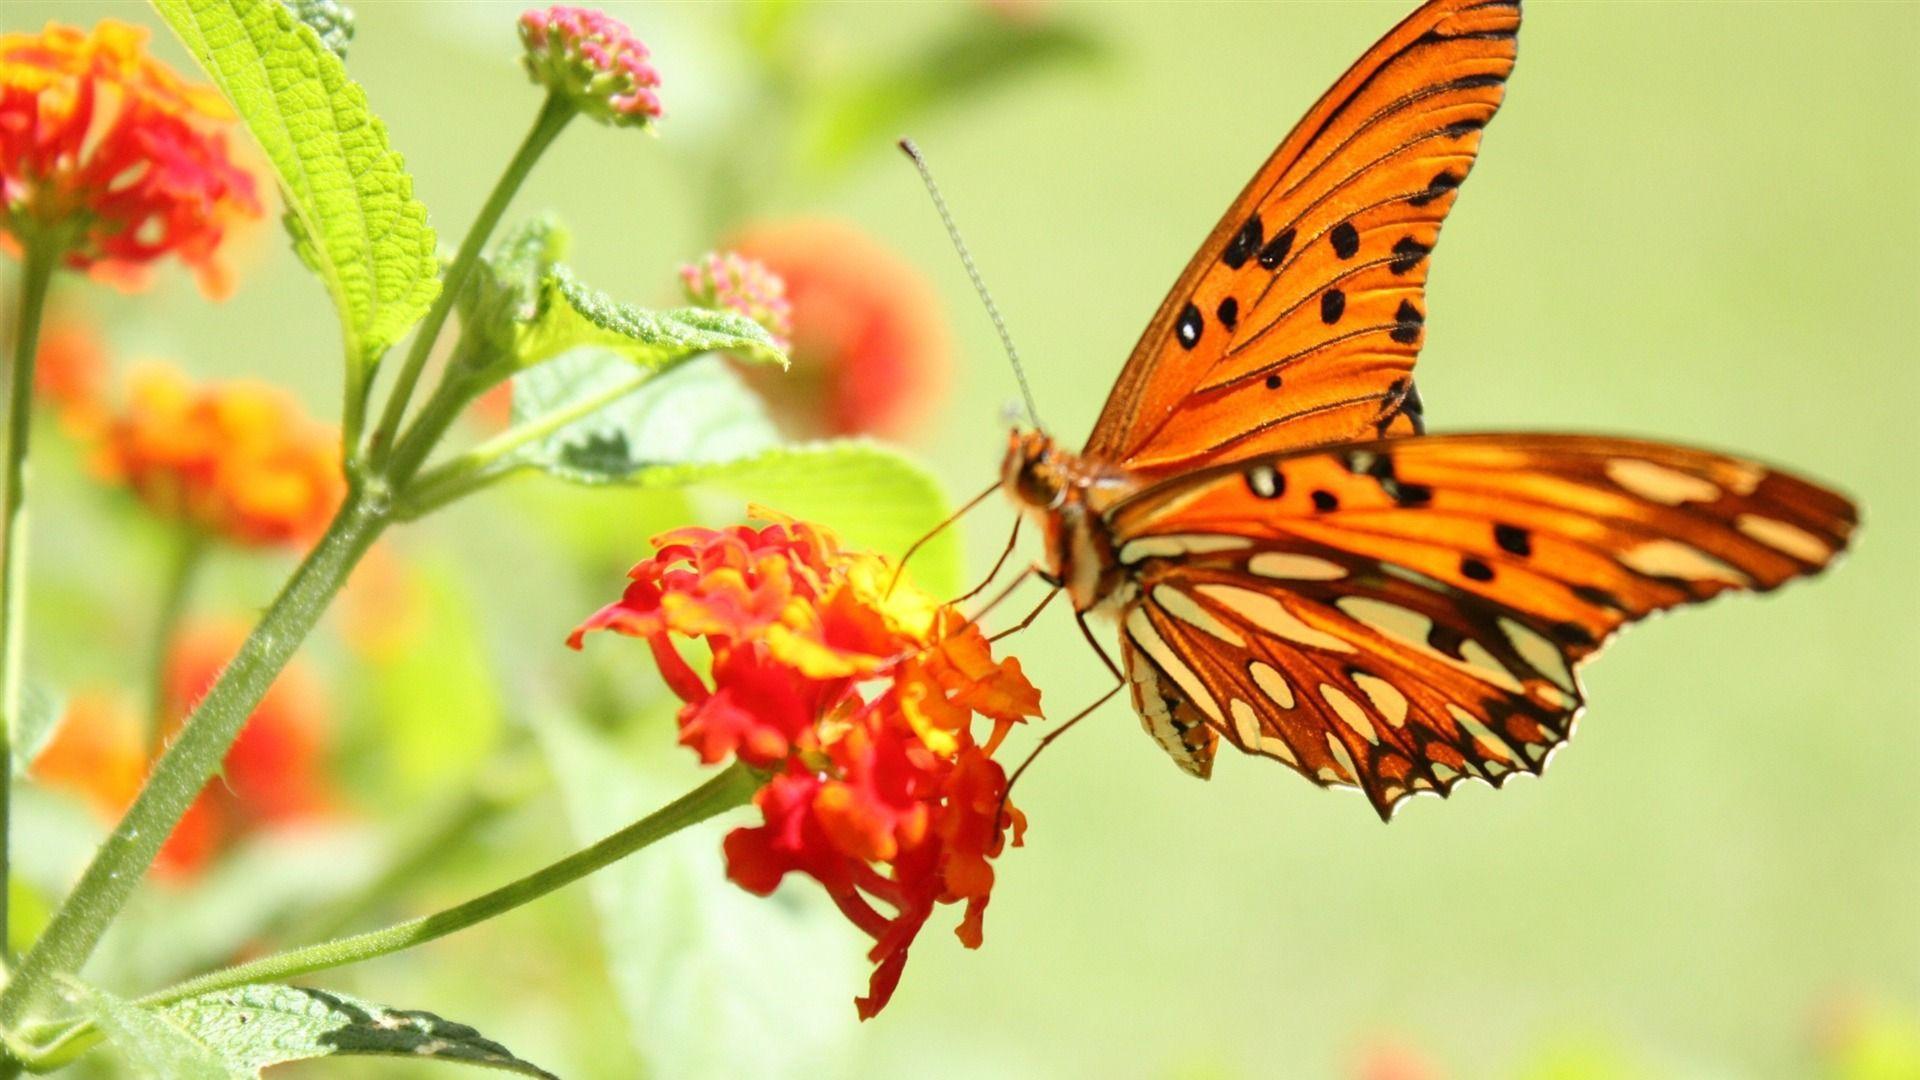 Butterfly Wallpaper Hd Nature Flower